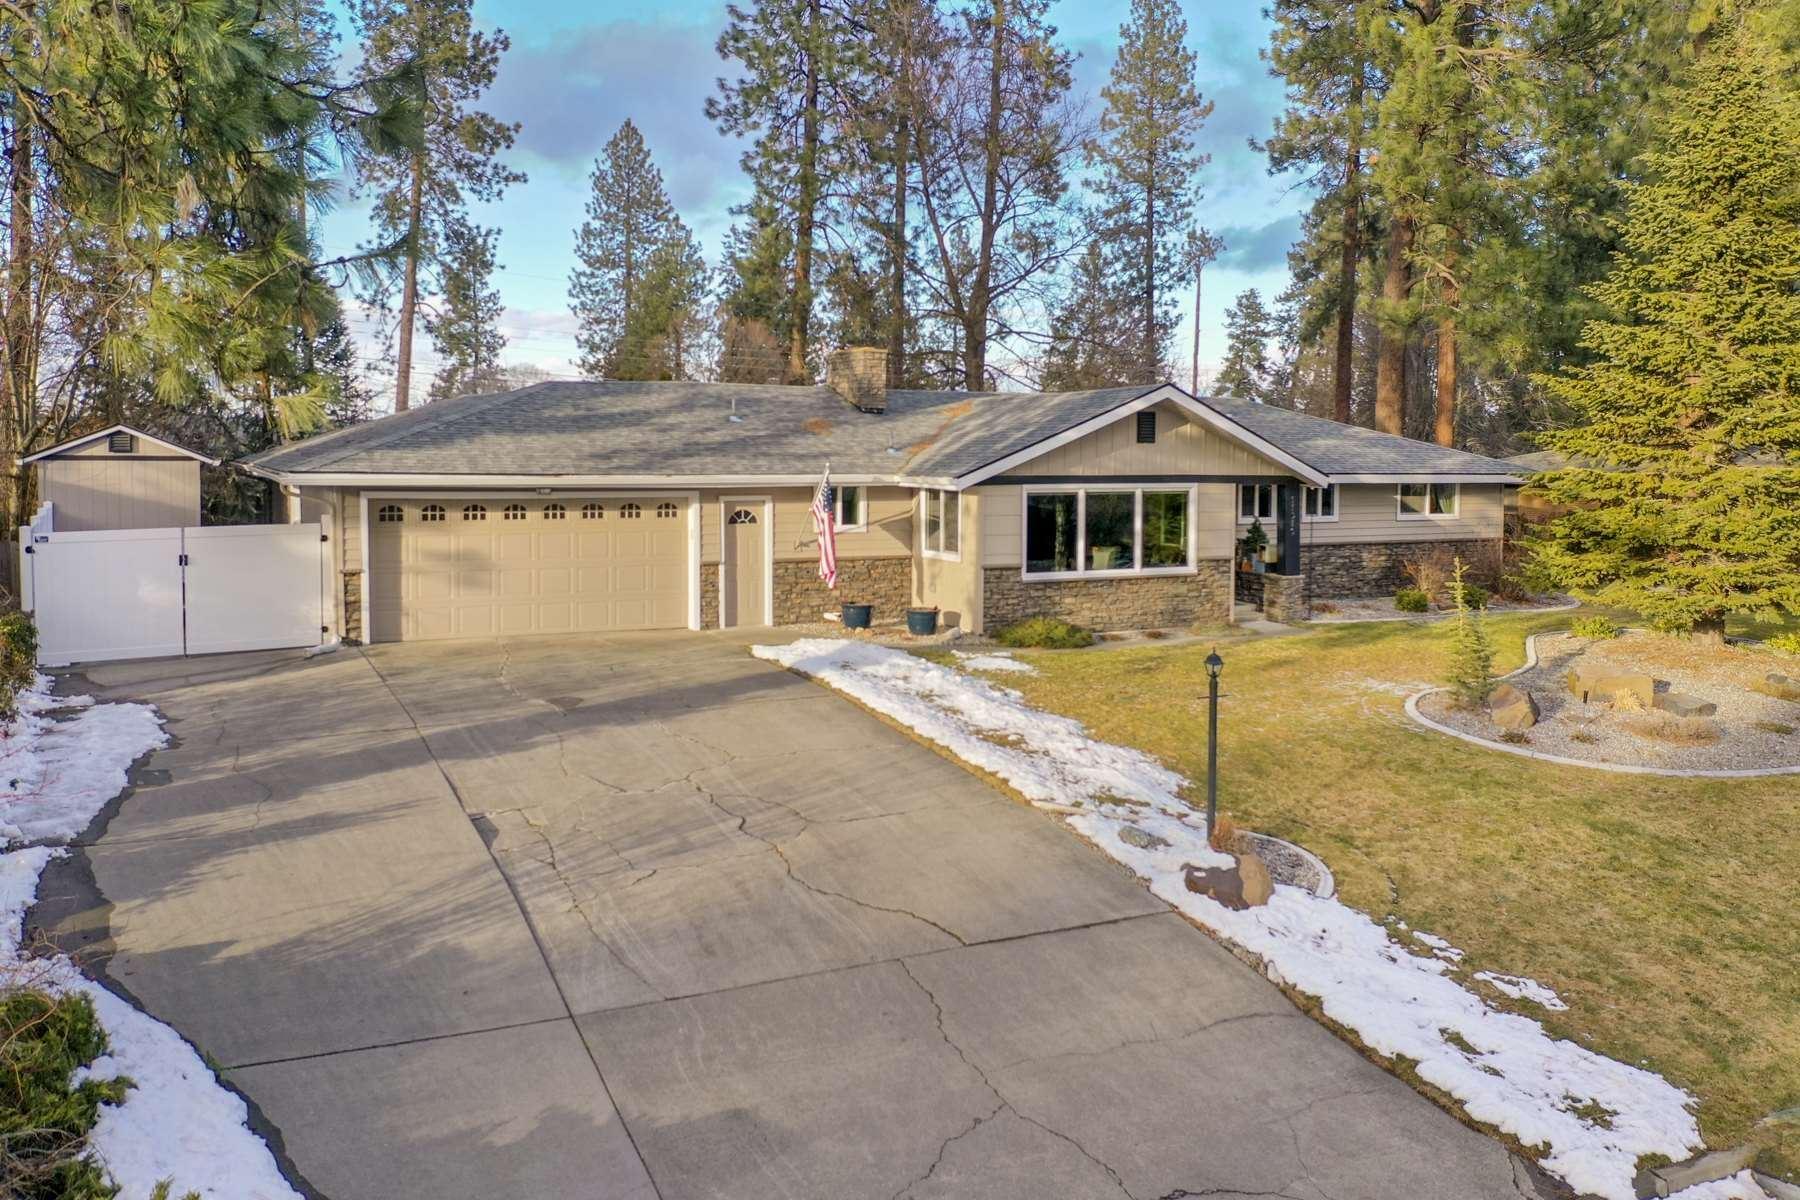 11315 E 18th Ave, Spokane Valley, WA 99206-5620 - #: 202113675